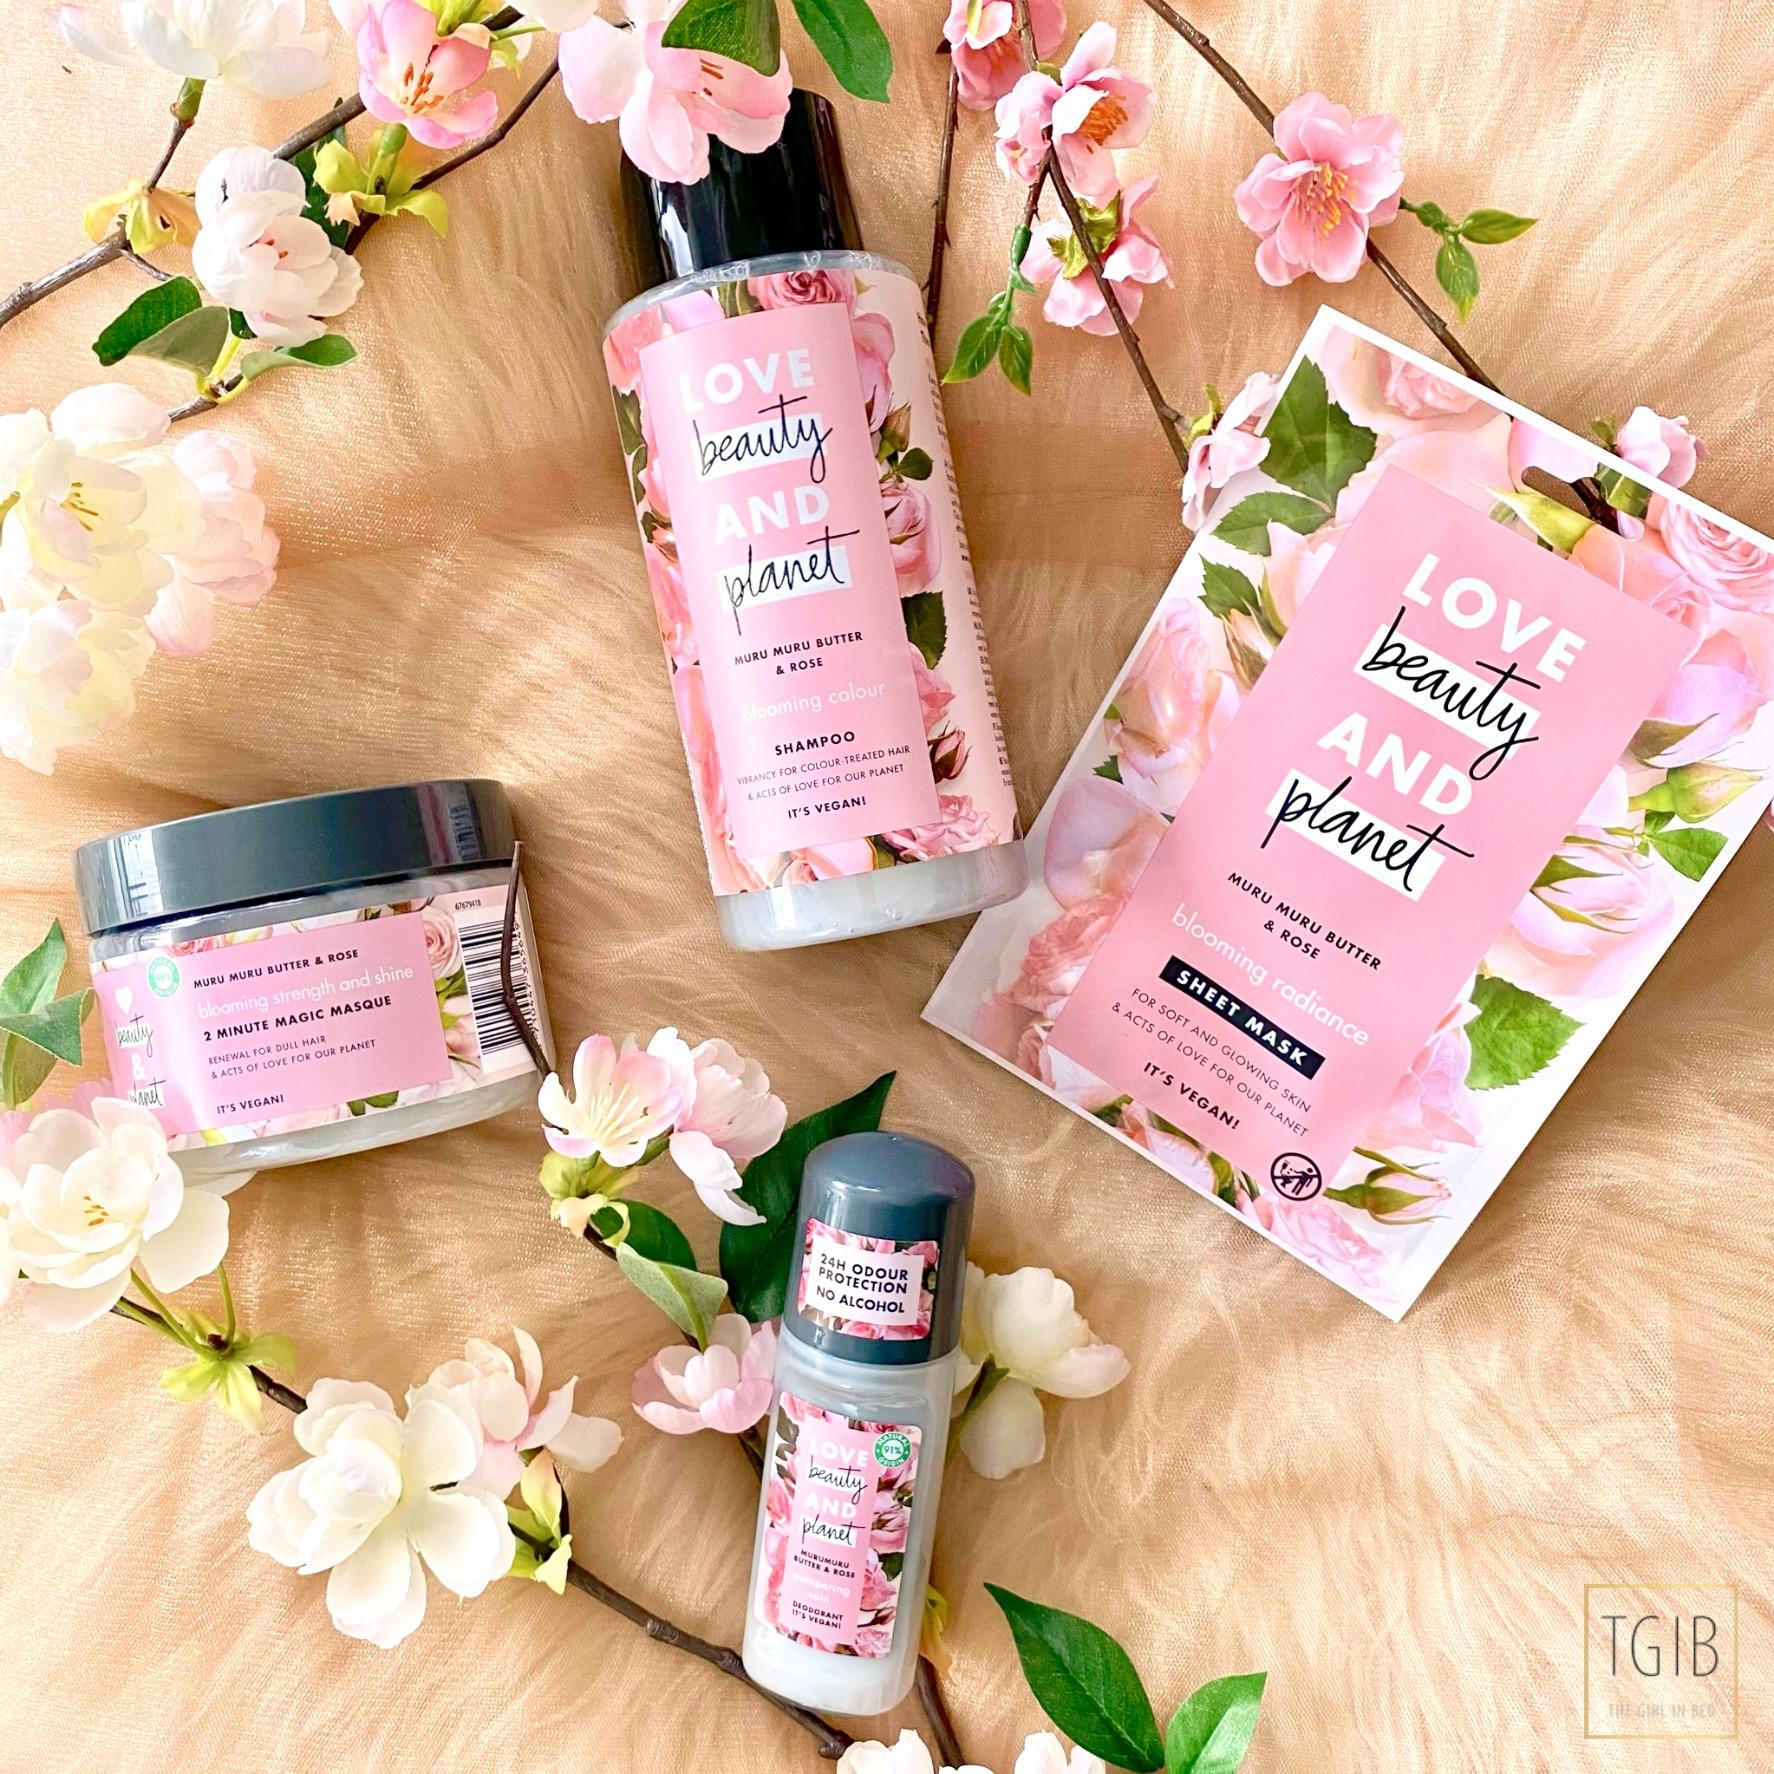 Love Beauty and Planet Muru Muru Butter & Rose producten-2